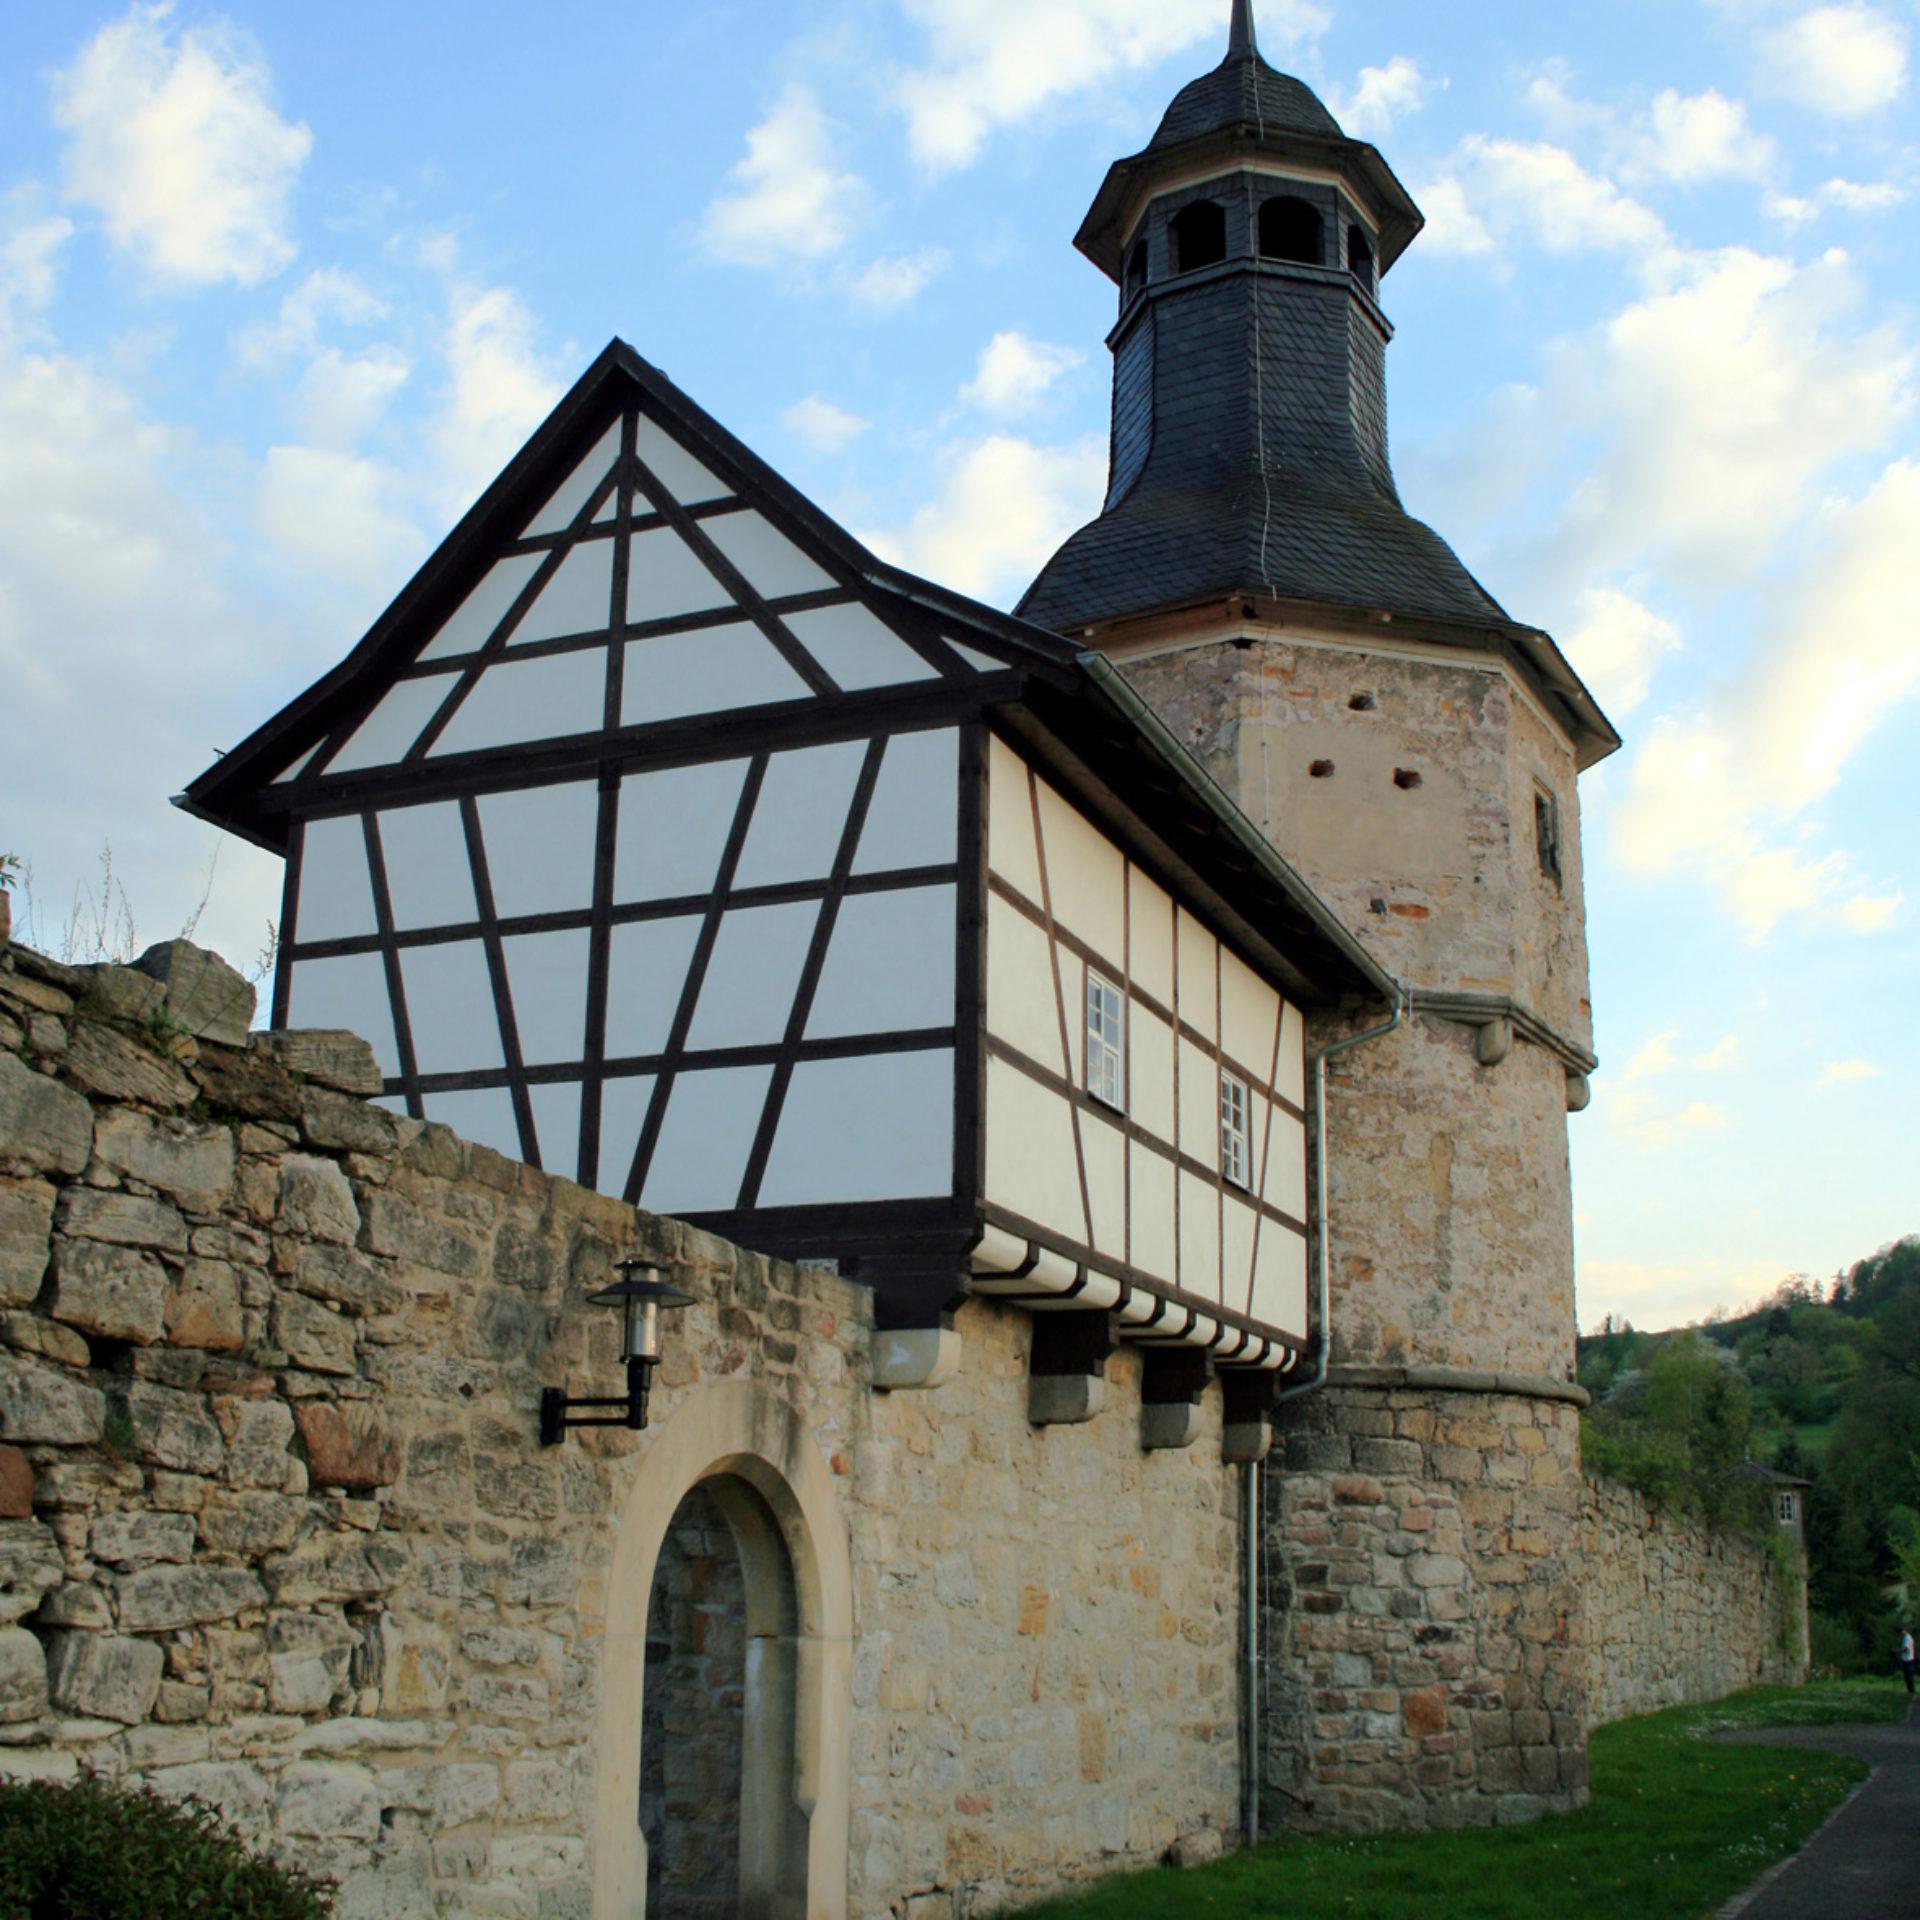 Stadtmauer mit Hexenturm Themar © Touristinfo Themar